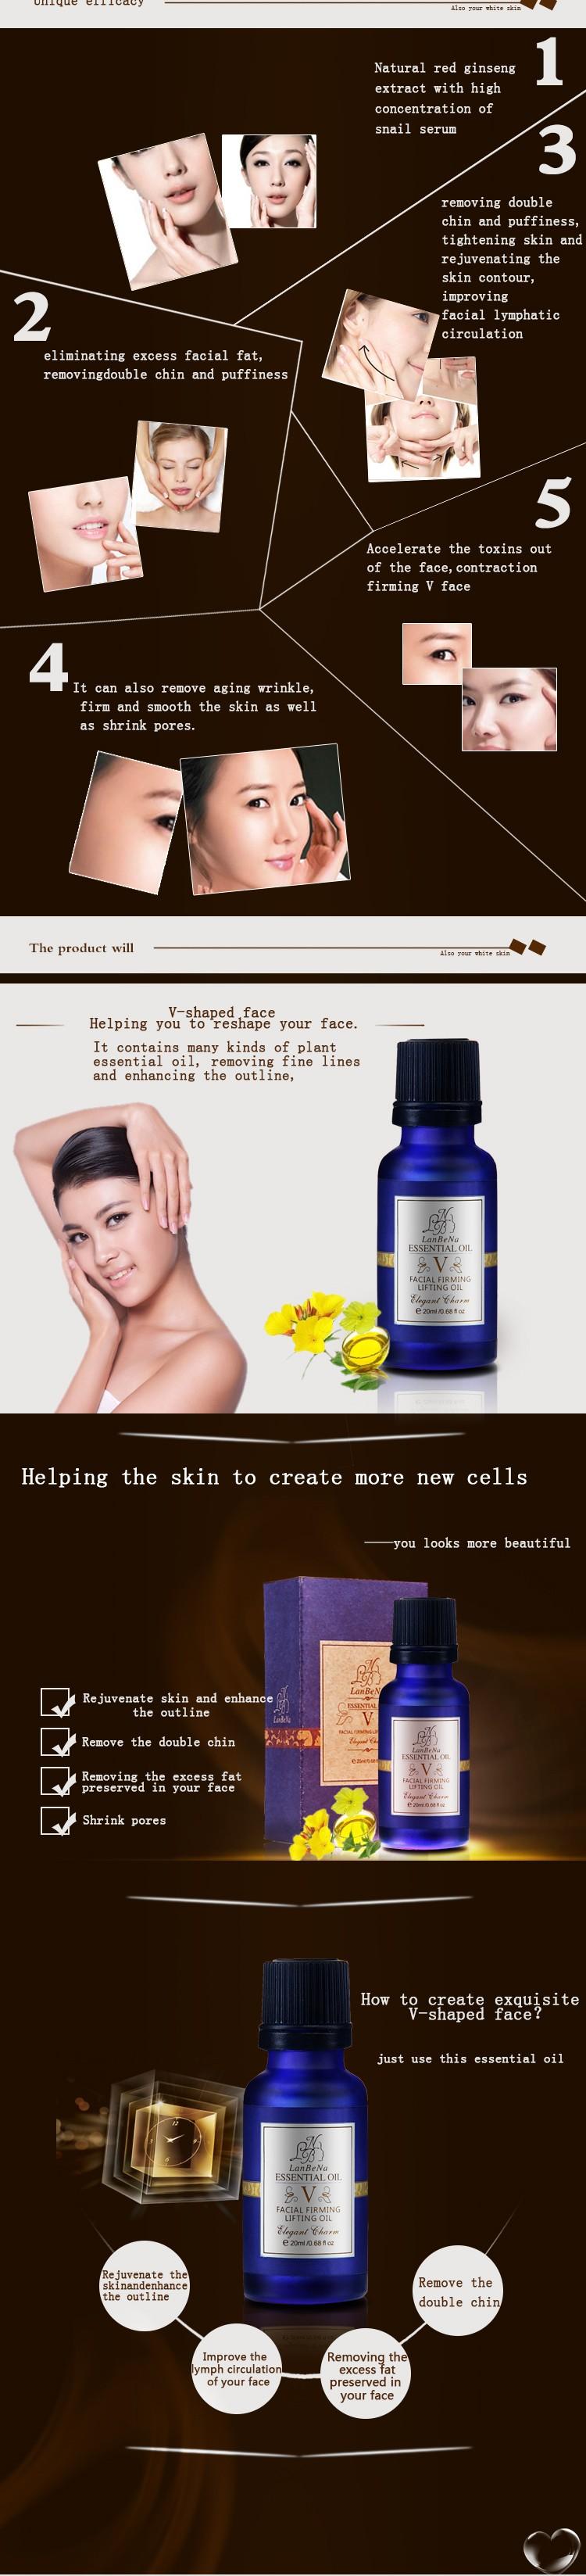 Lanbena 4D лица укрепляющий эфирное масло уход за кожей лица для похудения крем для лица удаление двойной подбородок тонкий потеря веса